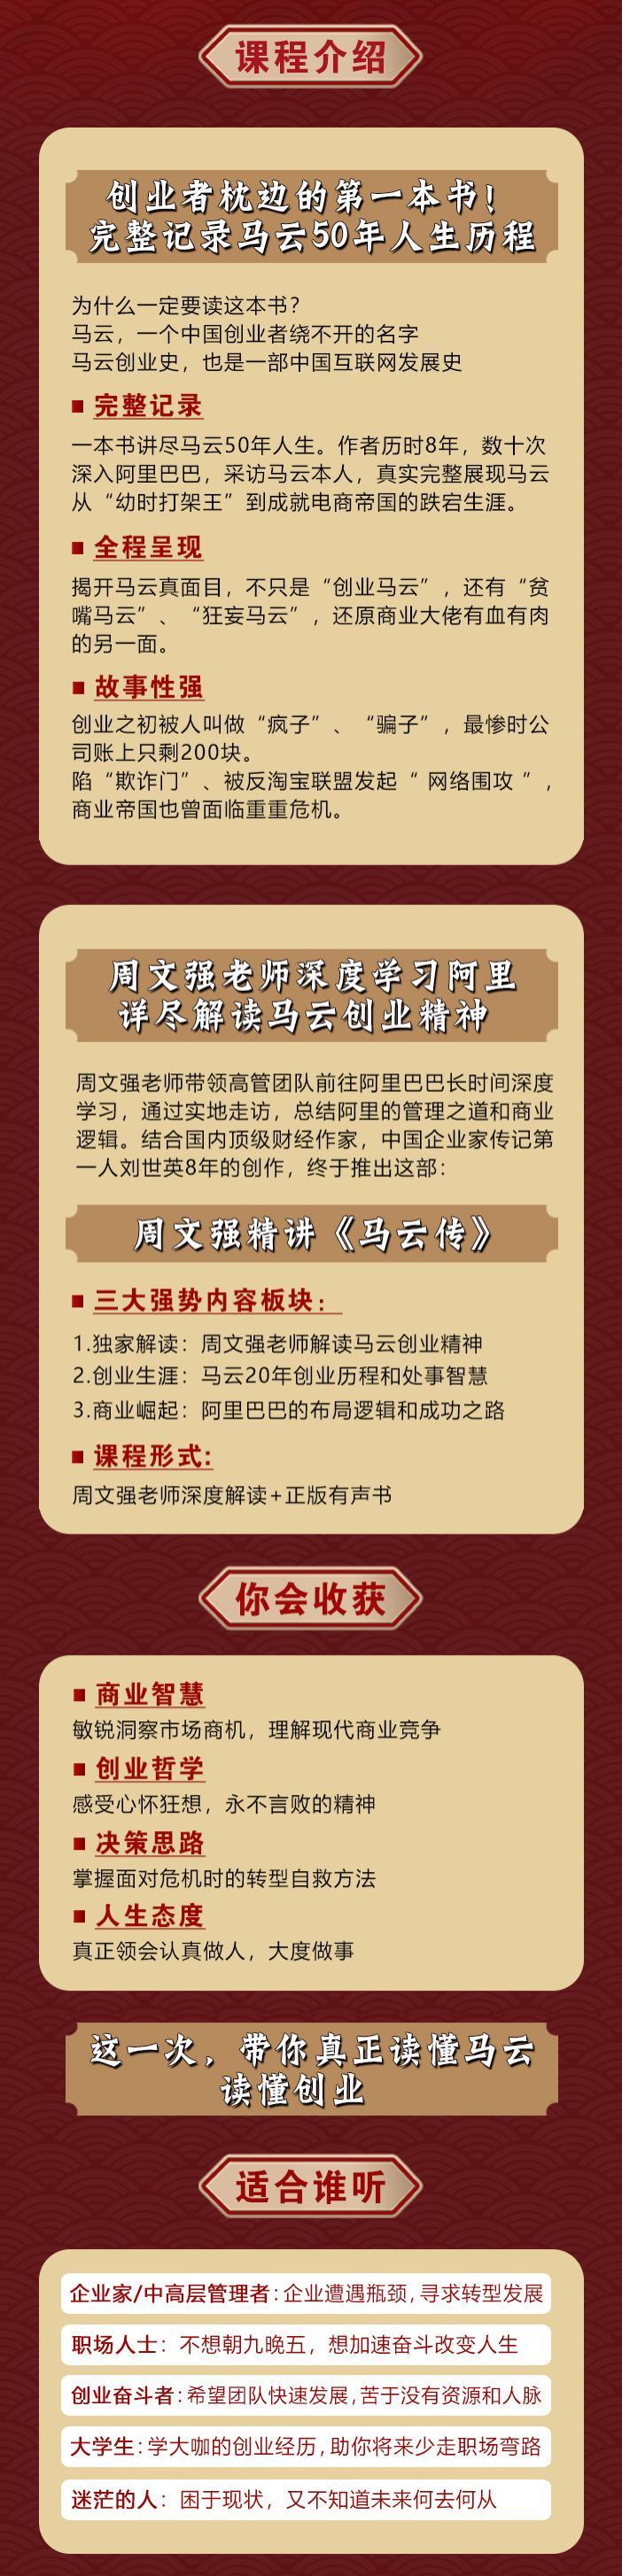 【独家返利】马云全传   周文强精讲阿里创业成功之道